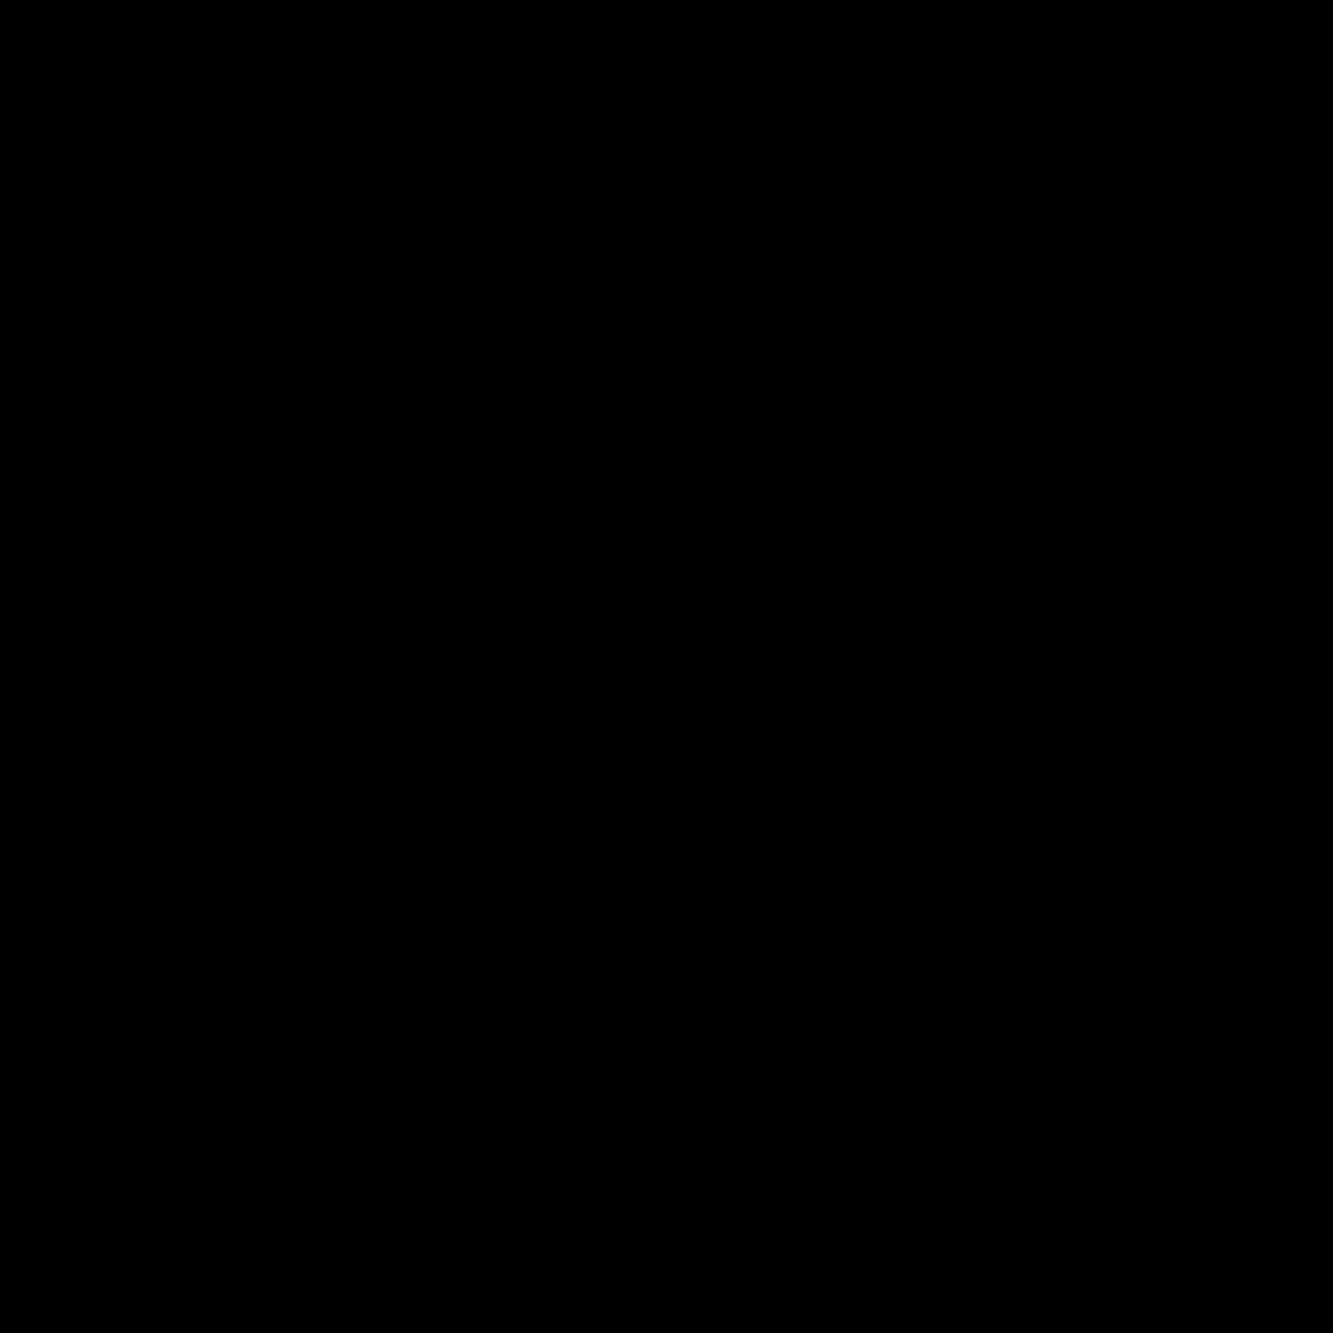 朗格拉普岛最终版